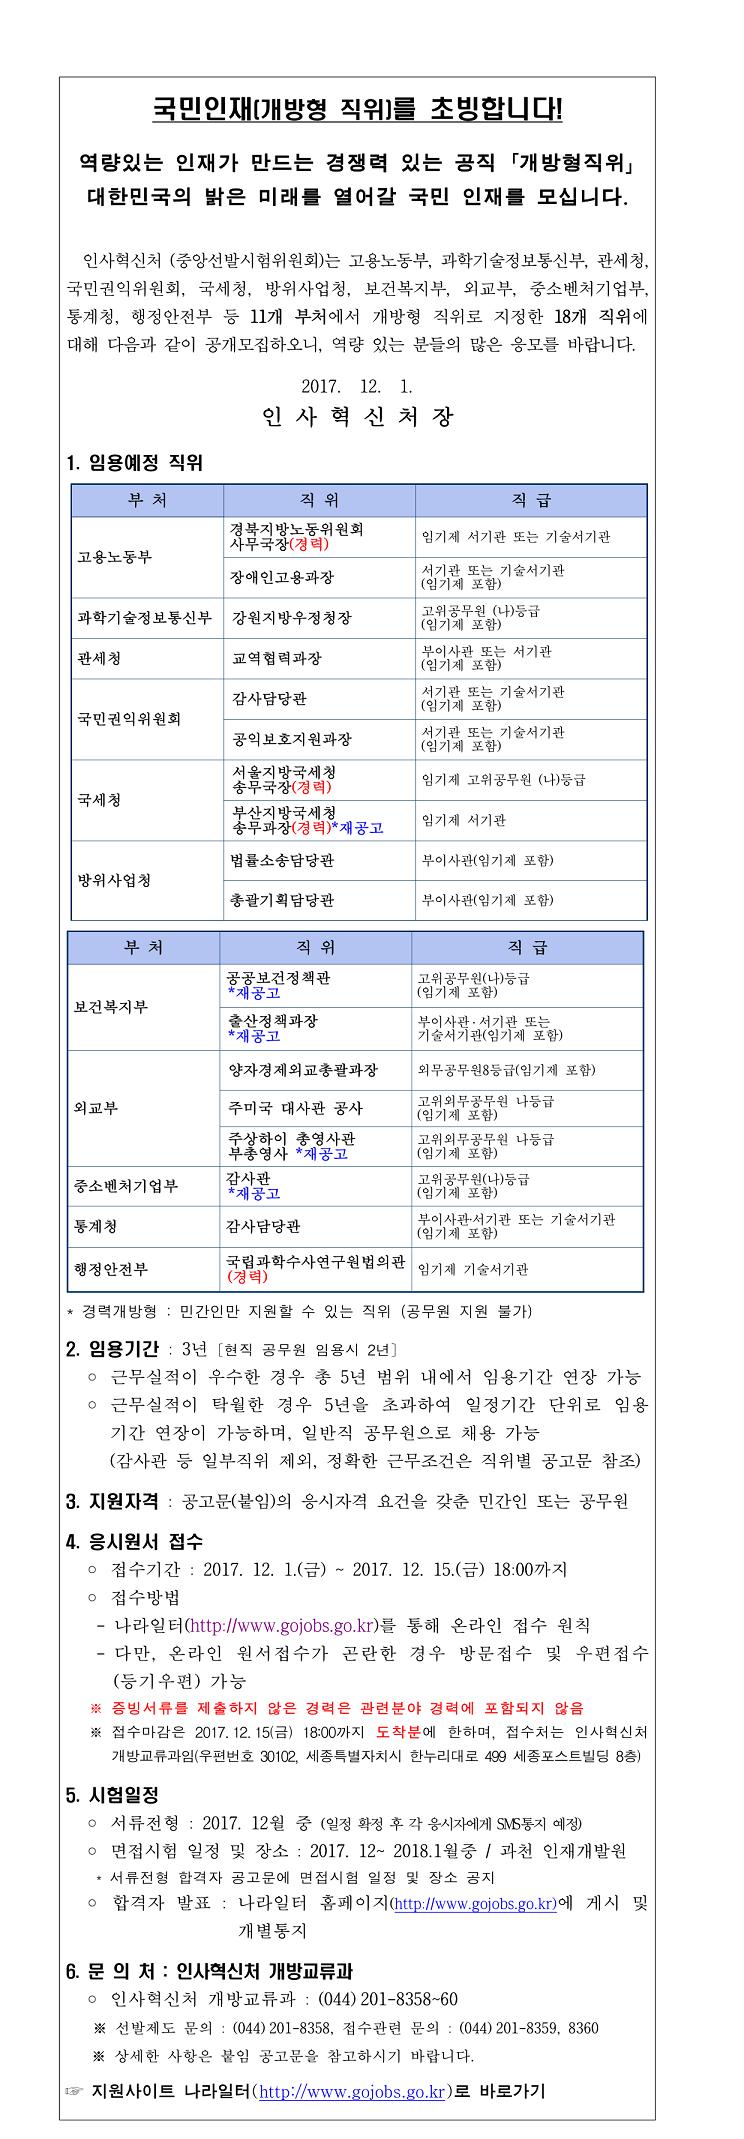 1. 개방형 직위 공개모집 안내(2017년 12월 공고)-1.jpg